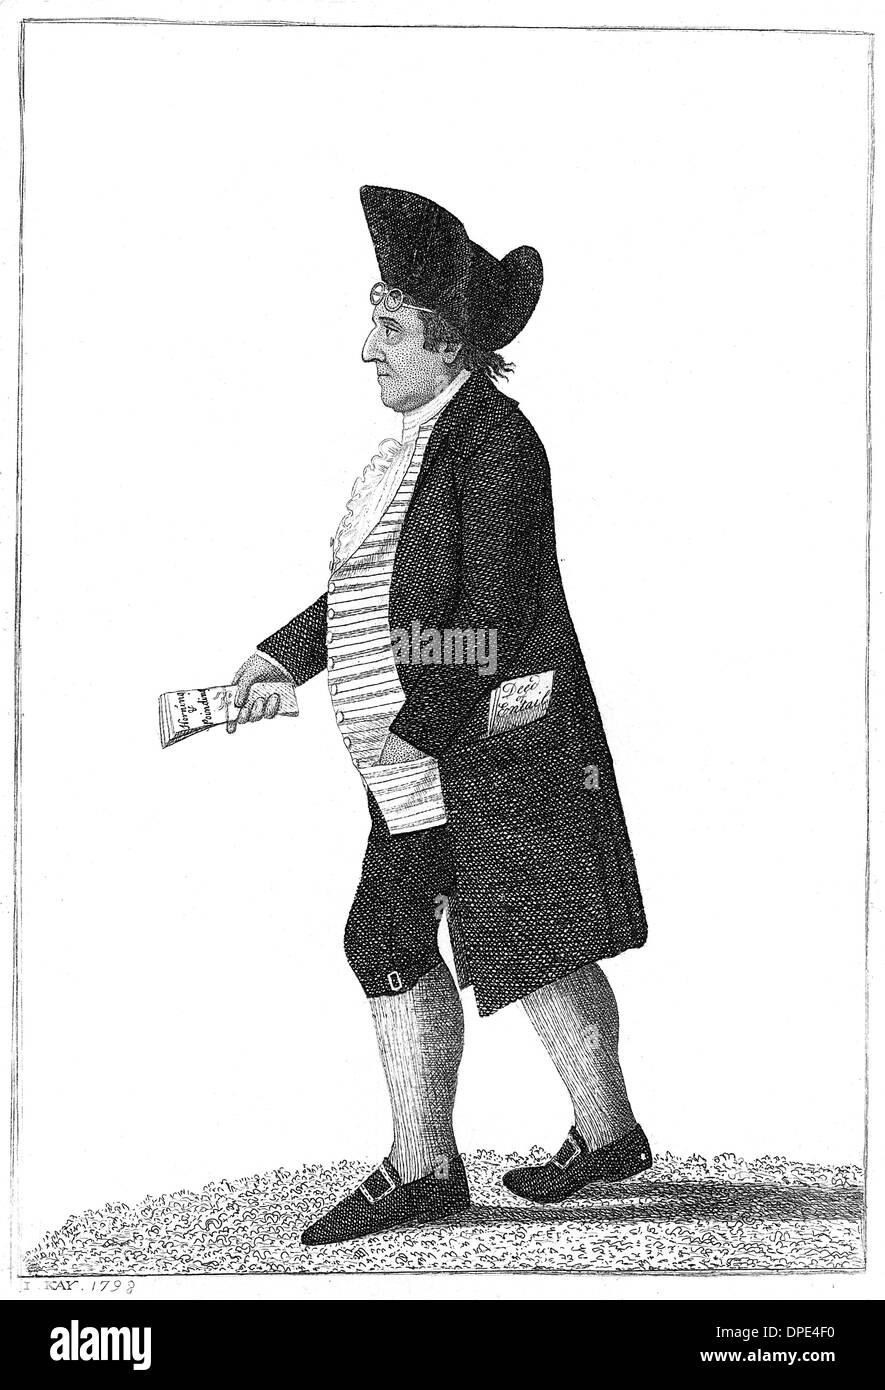 JAMES MARSHALL - Stock Image